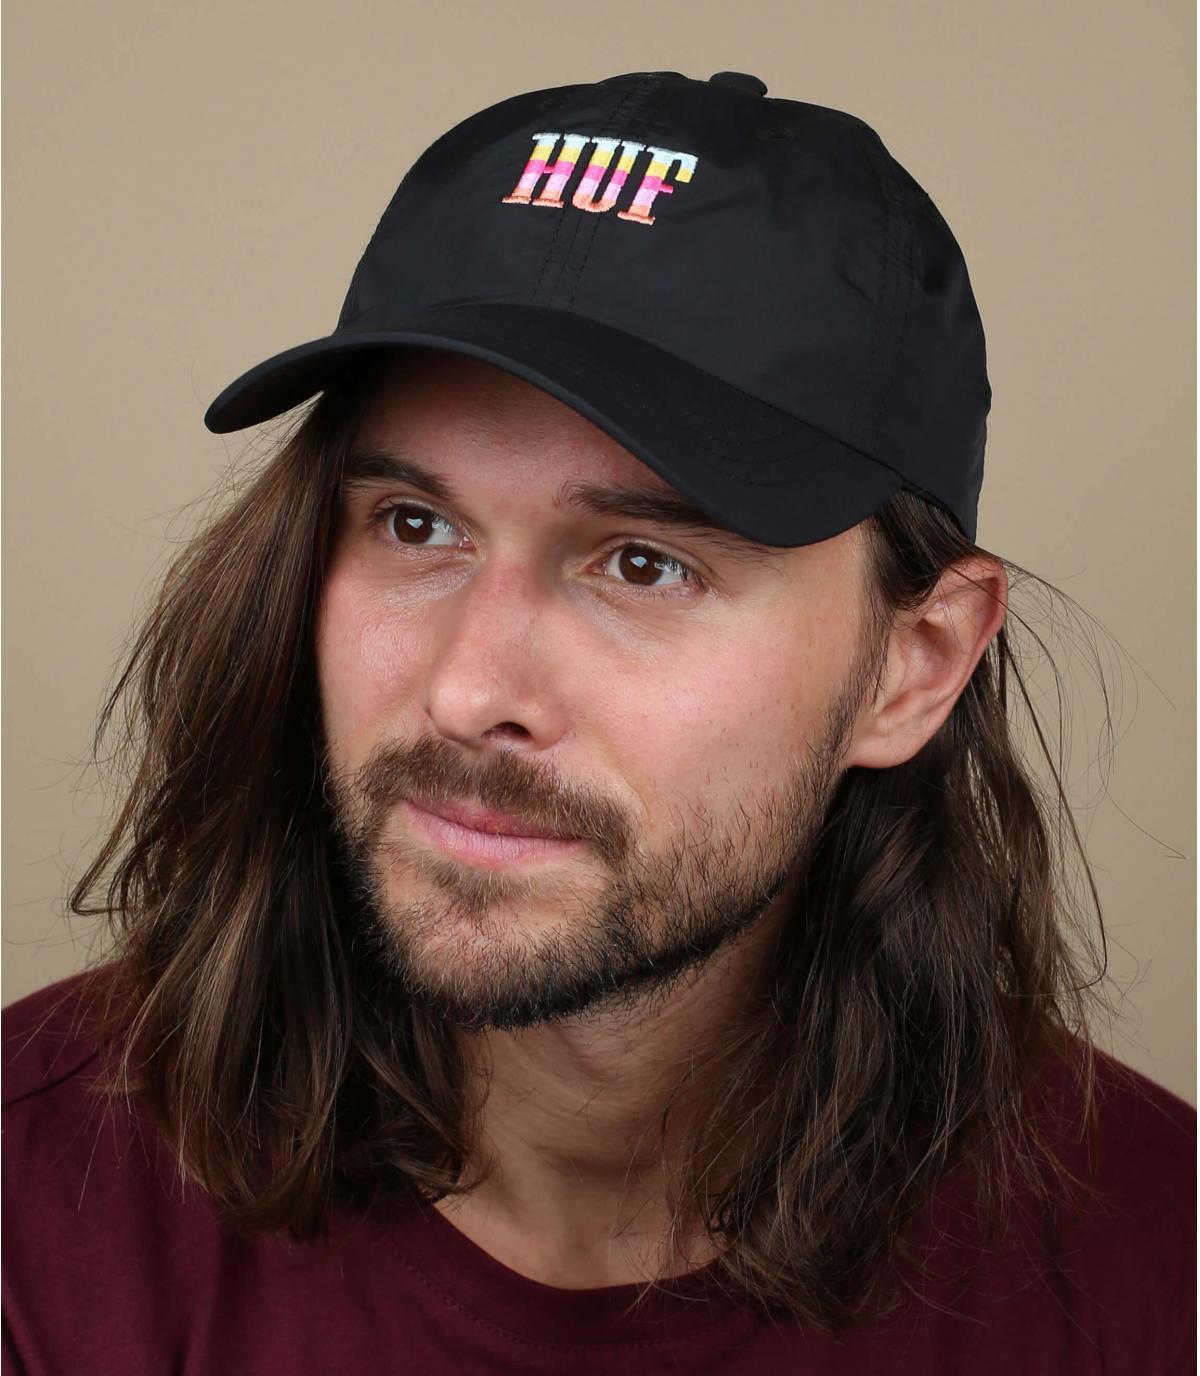 Cappellino Huf rosa nero